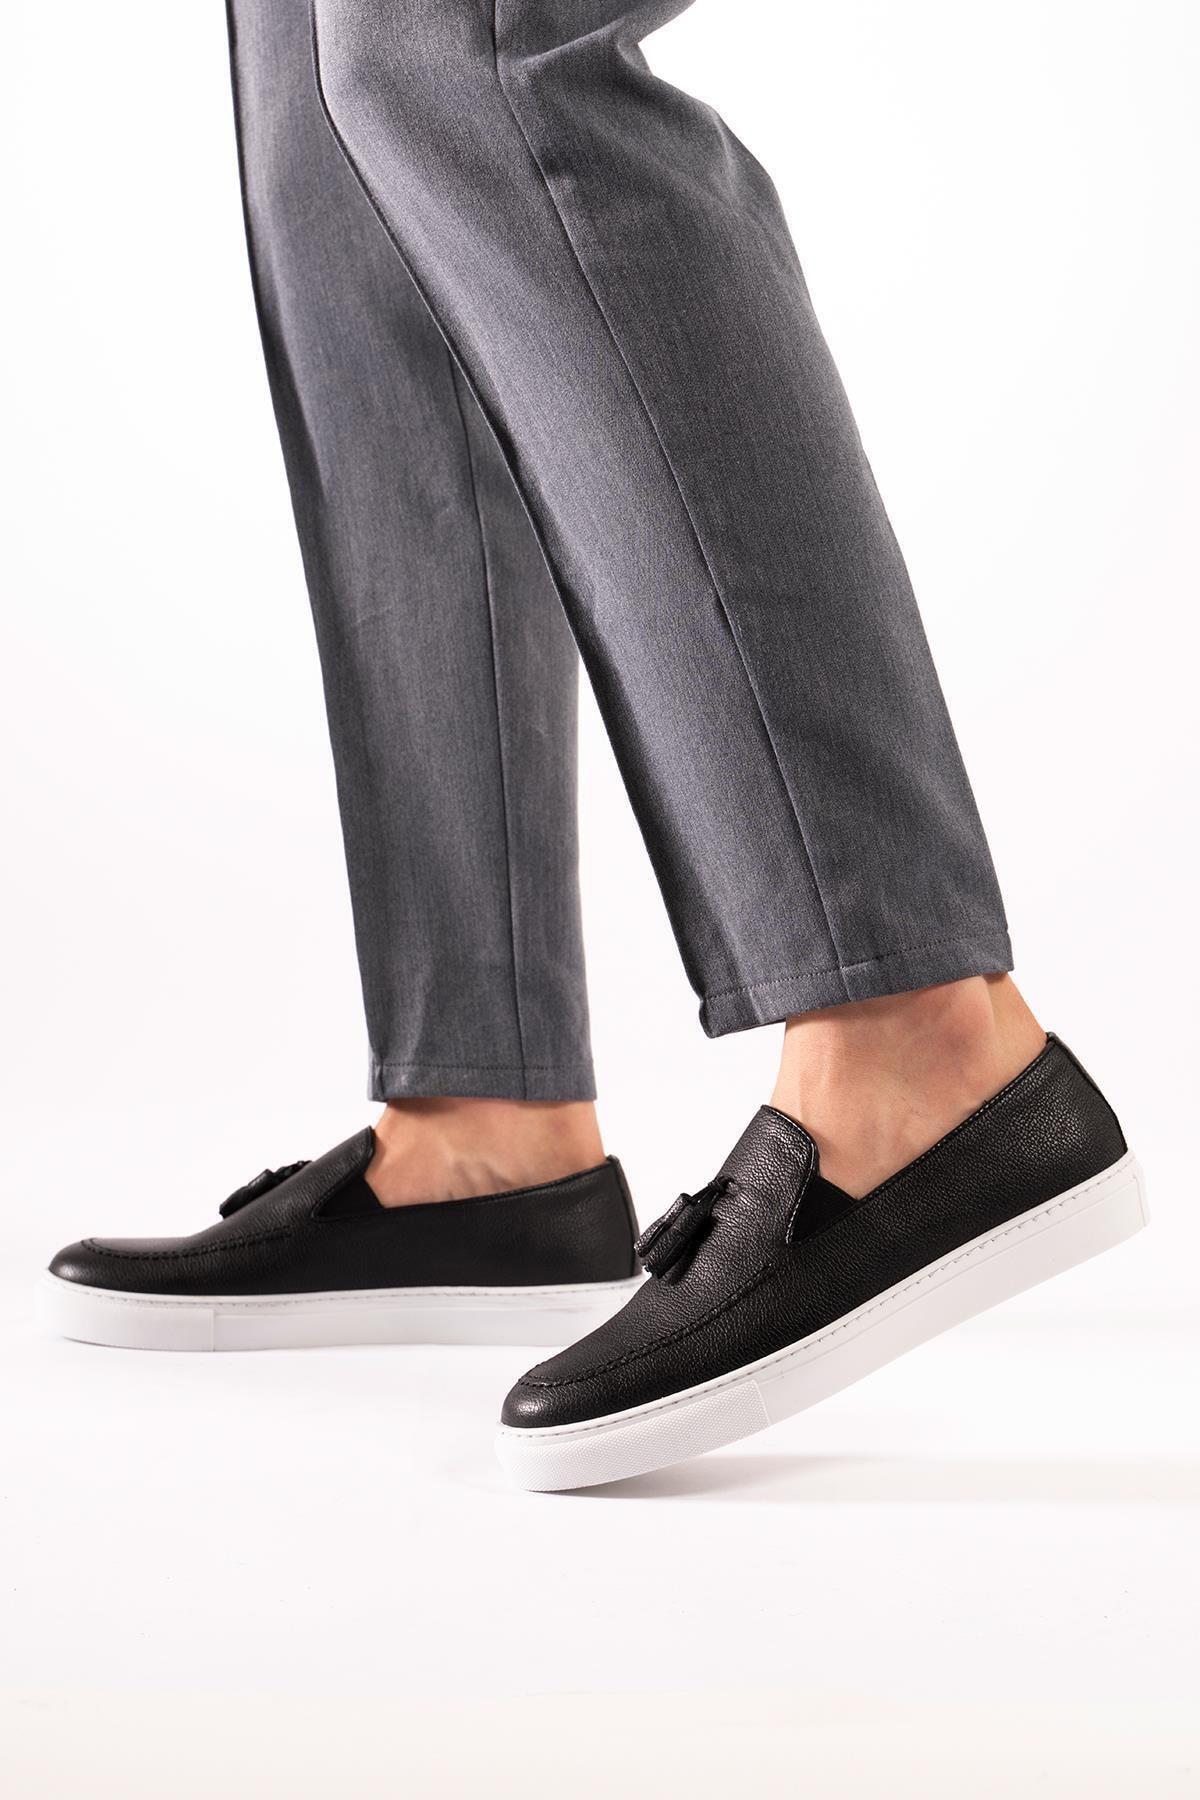 Hakiki Deri Erkek Loafer Sneaker Spor Ayakkabı Püsküllü Pedli